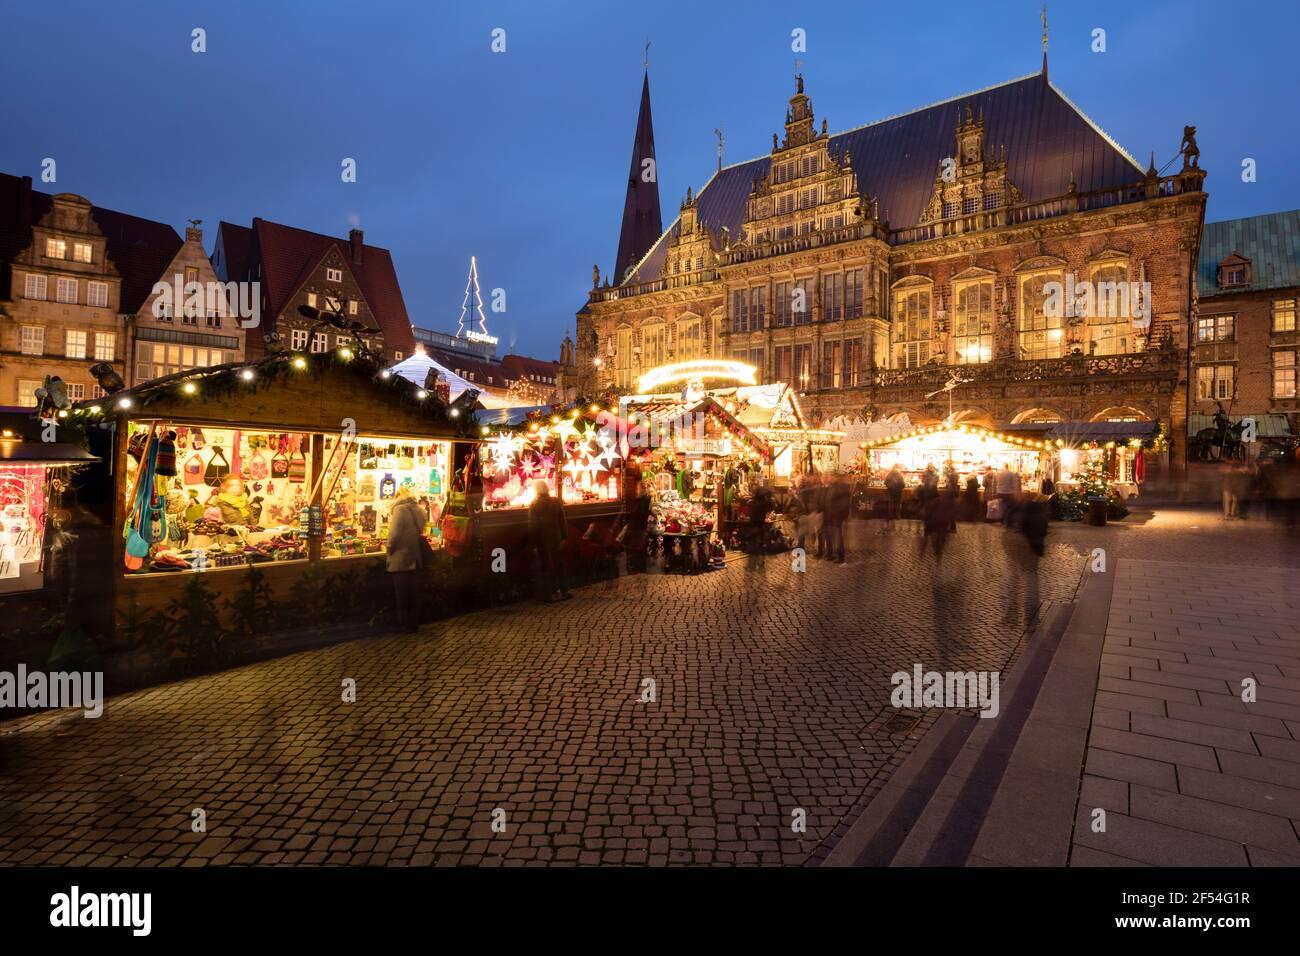 Geographie / Reisen, Deutschland, Bremen, Marktplatz, Rathaus, Weihnachtsmarkt, zusätzliche-Rechte-Clearance-Info-nicht-verfügbar Stockfoto